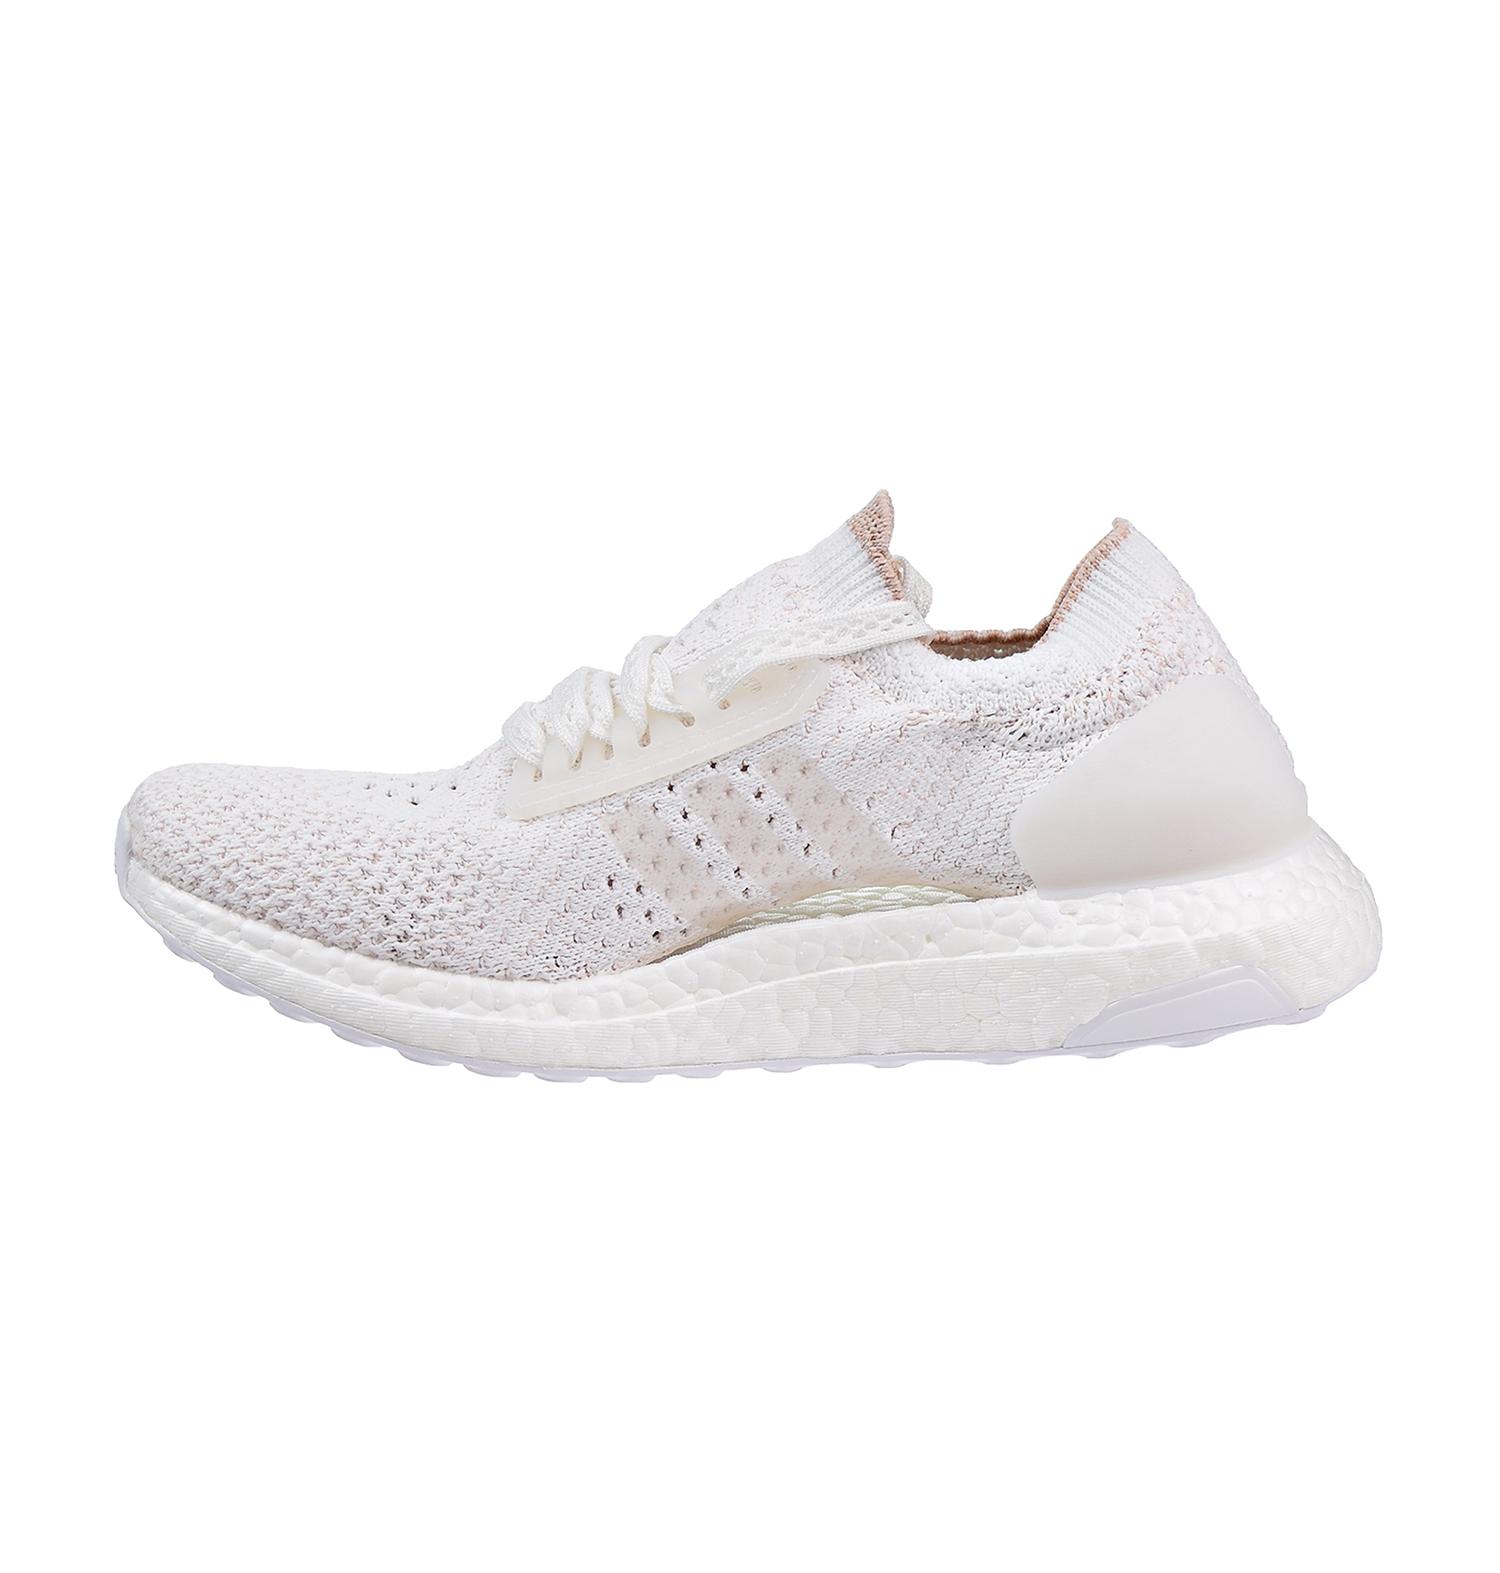 4d3a8c24097bb Adidas Ultra Boost X Clima Women s Shoes Cloud White Cloud White Ash Pearl  cg3946